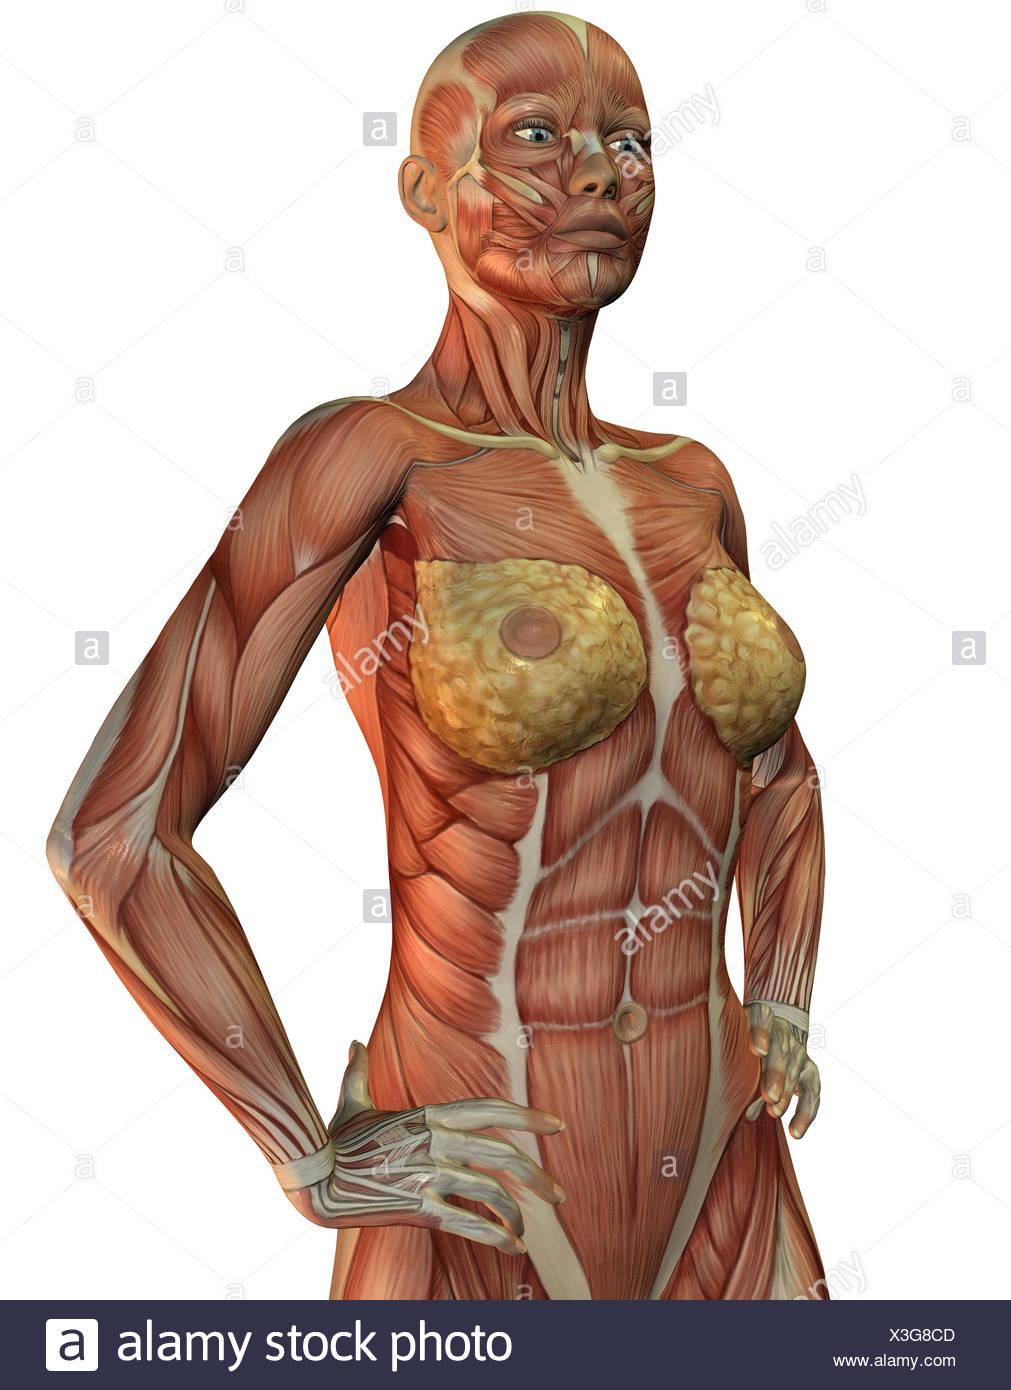 Ziemlich Muskeln Des Beckengürtels Zeitgenössisch - Menschliche ...